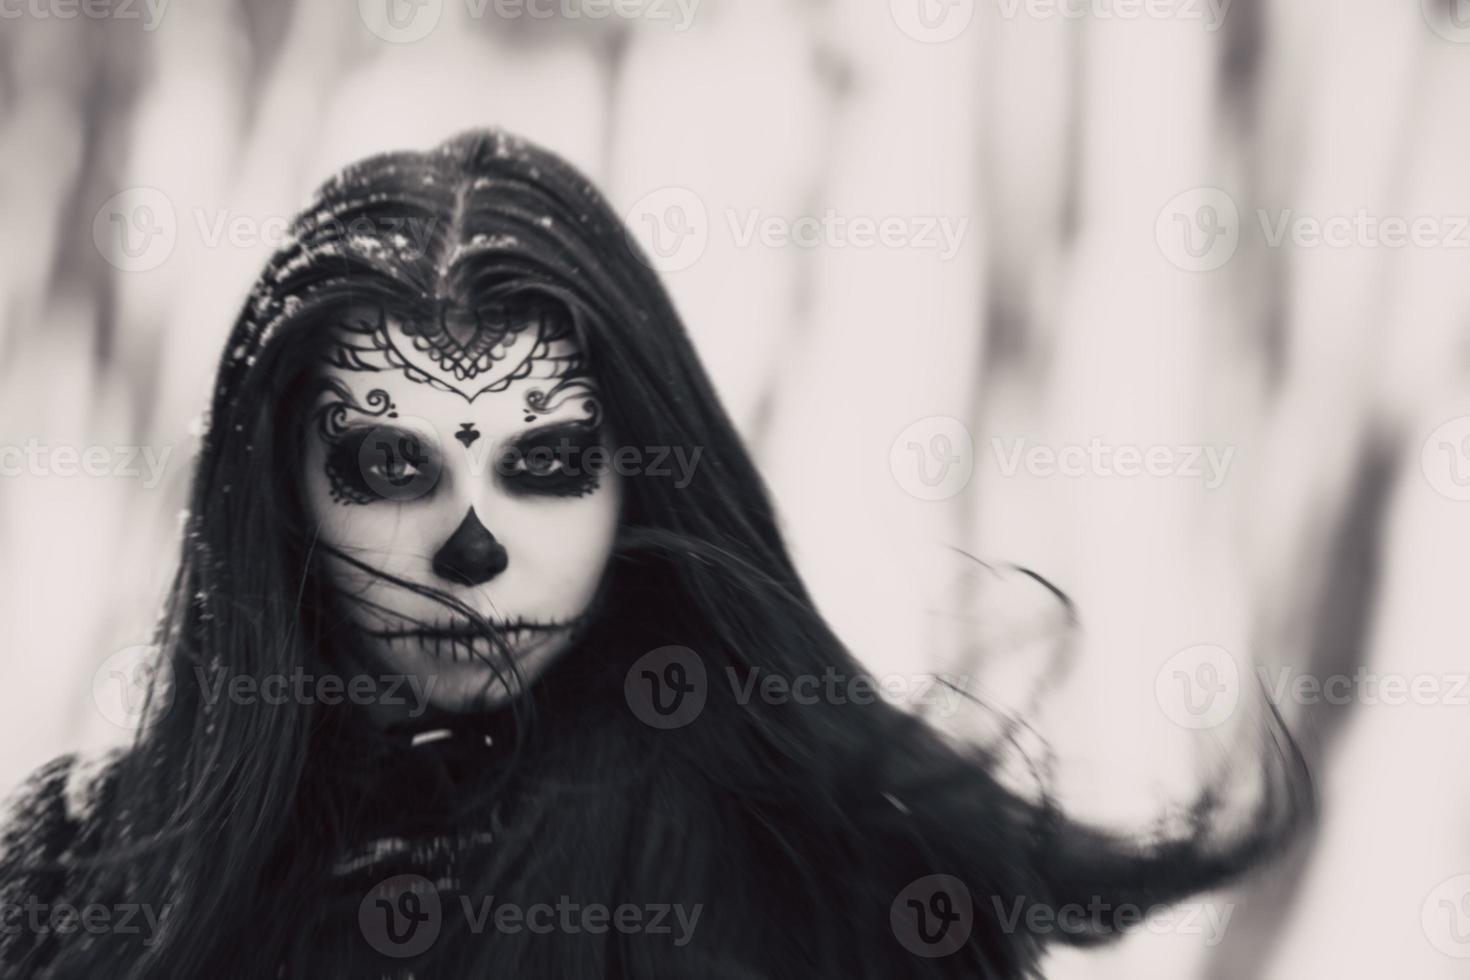 mulher bonita com maquiagem de caveira de açúcar de halloween foto